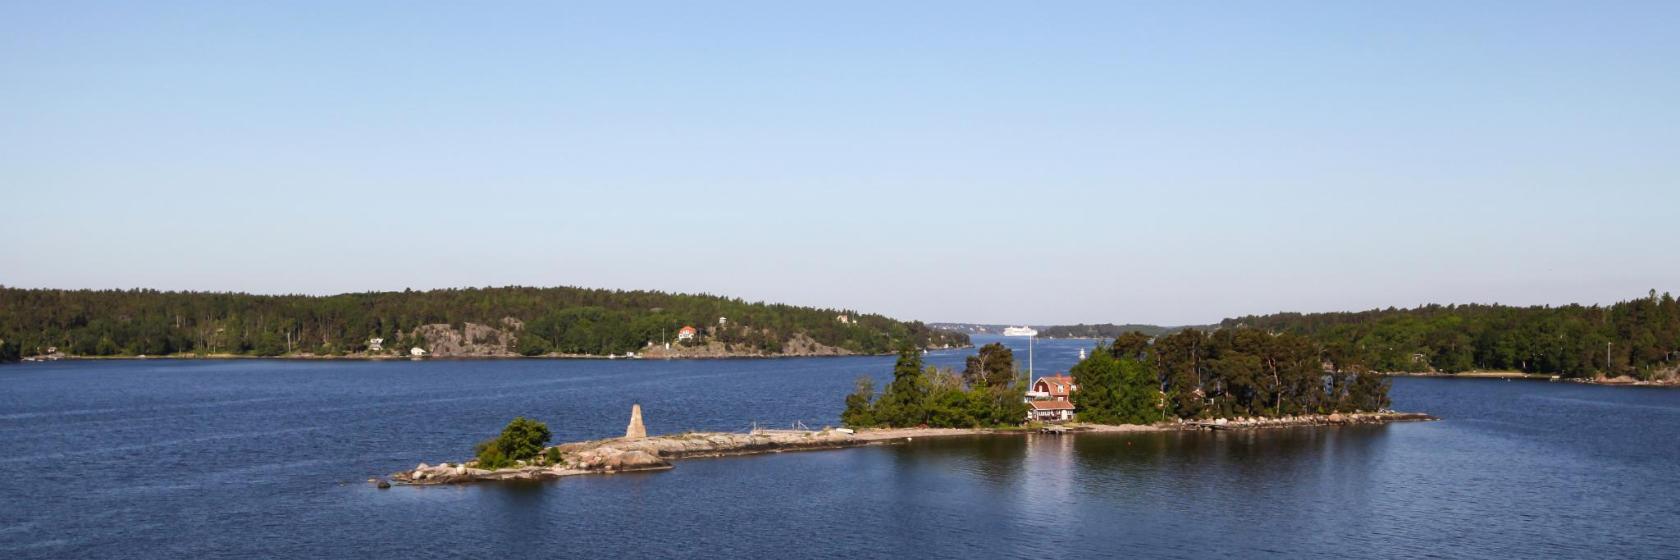 De 10 Bedste Hoteller I Stockholm Skaergard Overnatningssteder I